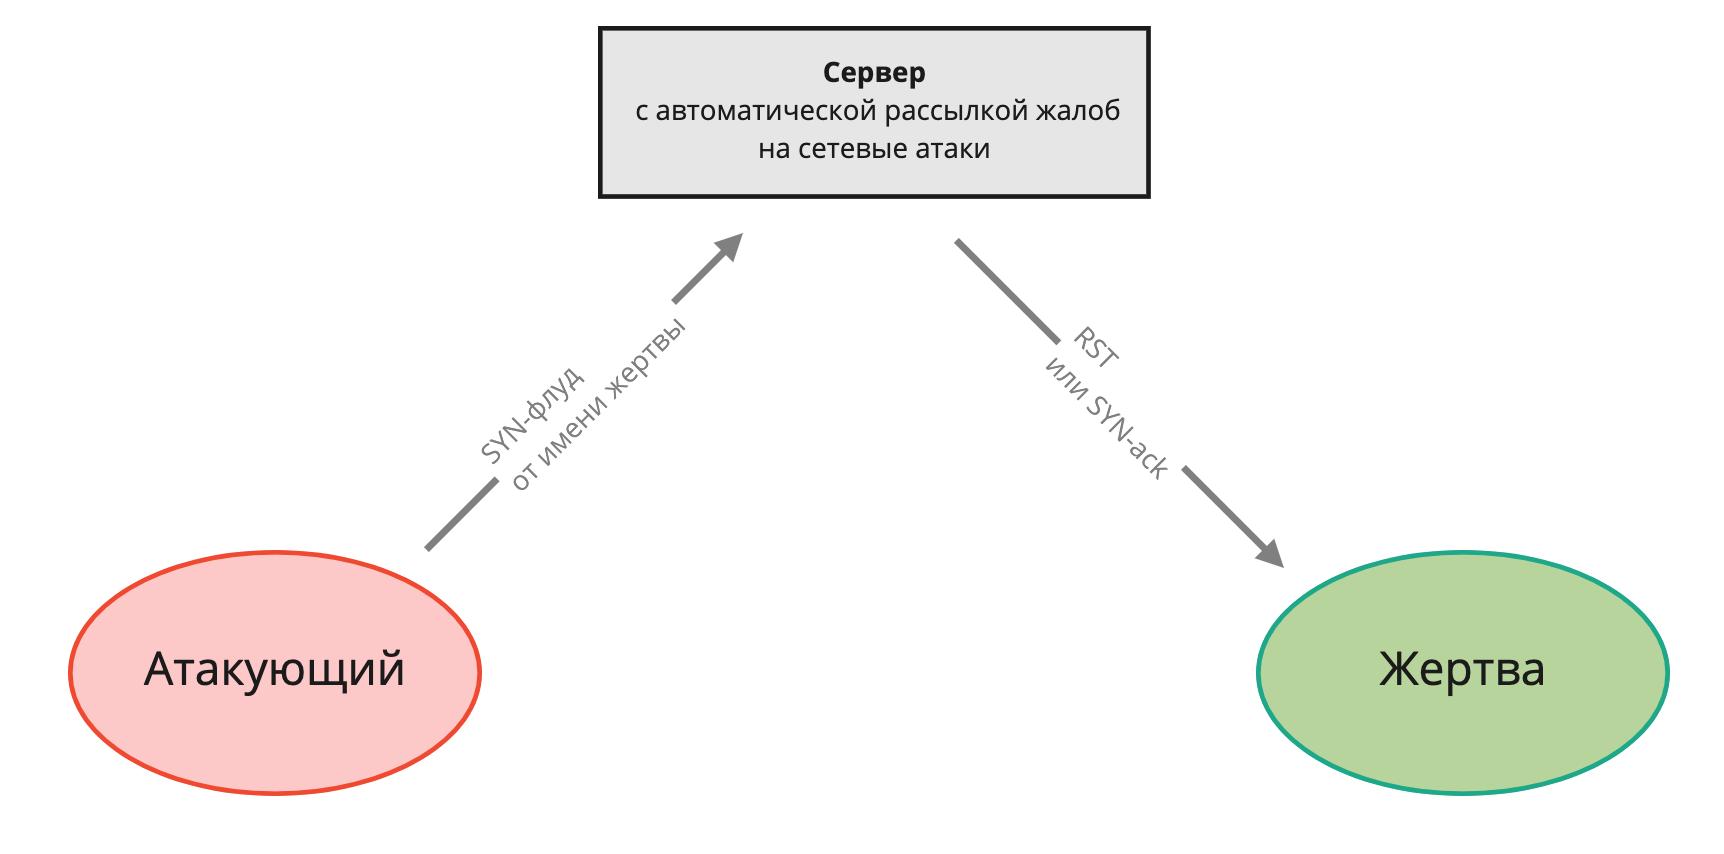 DDoS-атака через социальную инженерию - 2